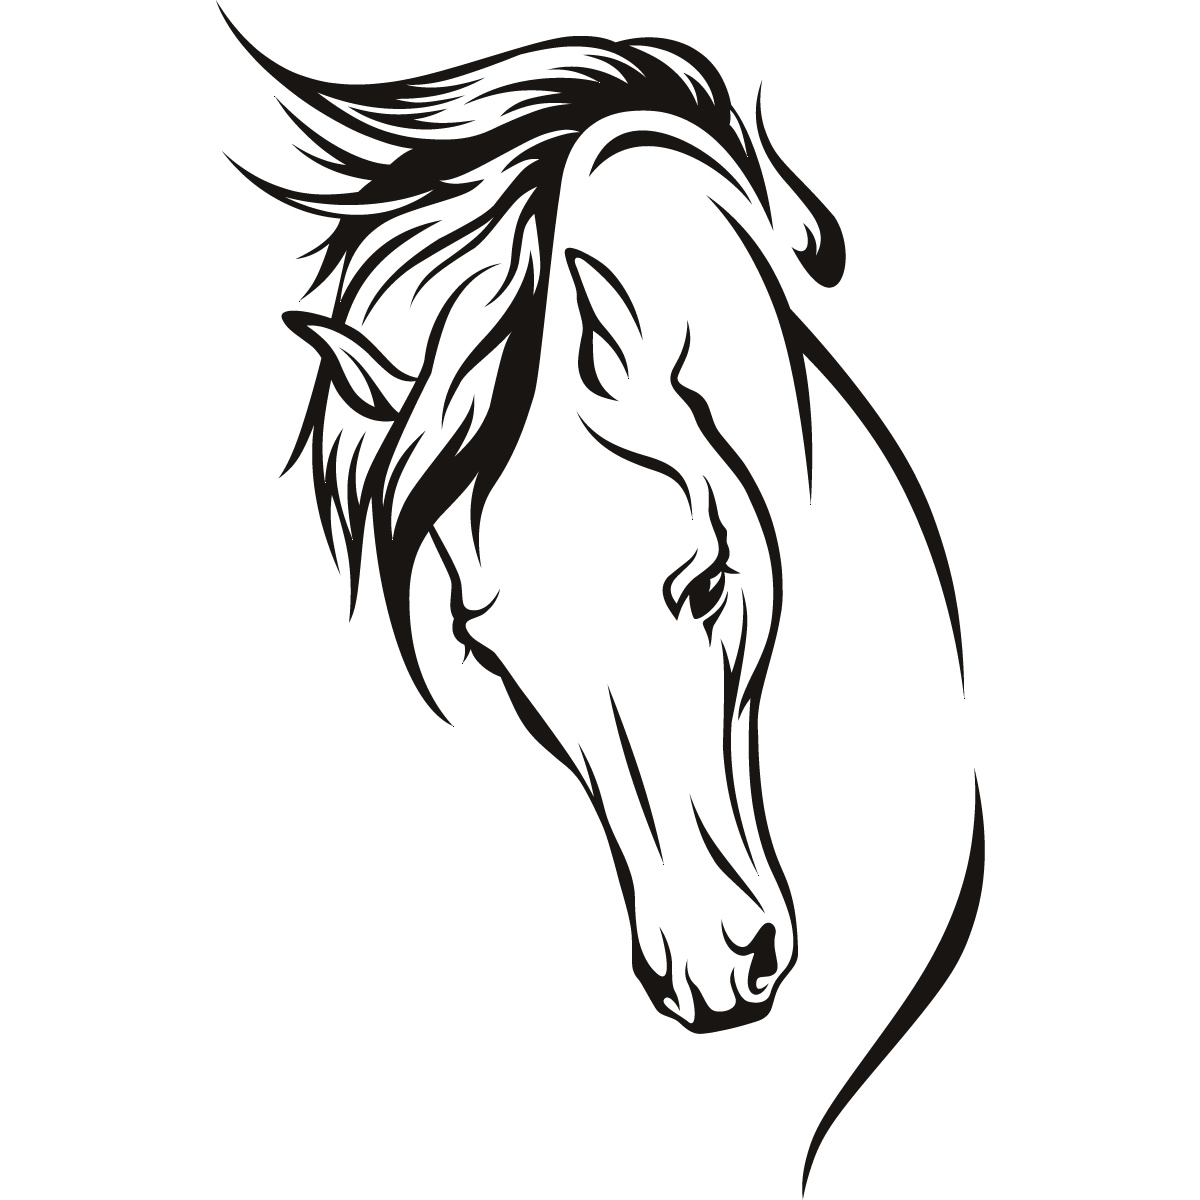 1200x1200 Drawn Horse Easy Draw